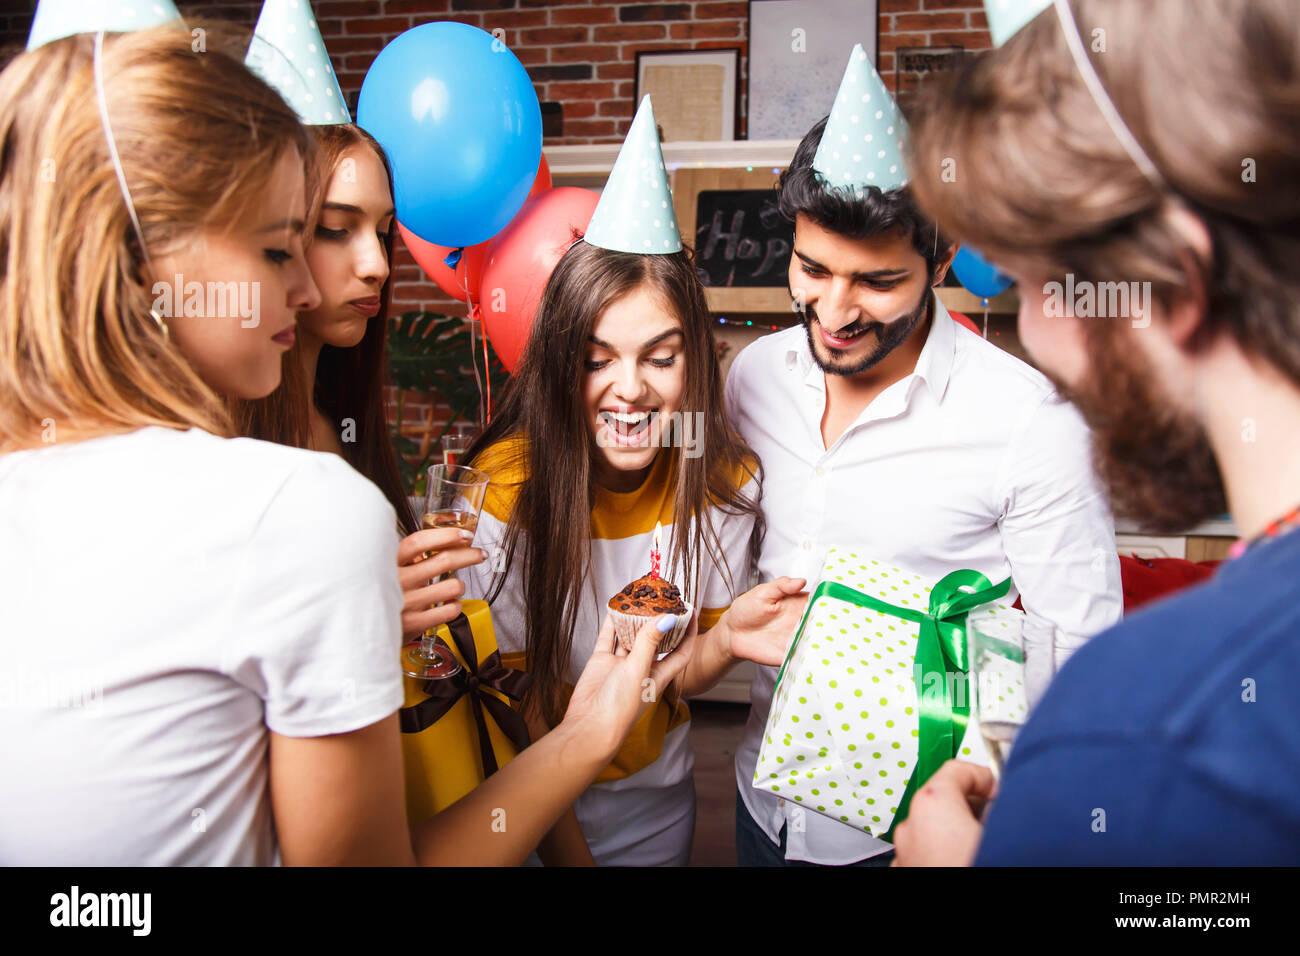 Bonita morena cabello largo cumpleaños chica en un gorro de fiesta celebrando su cumpleaños con los amigos Imagen De Stock